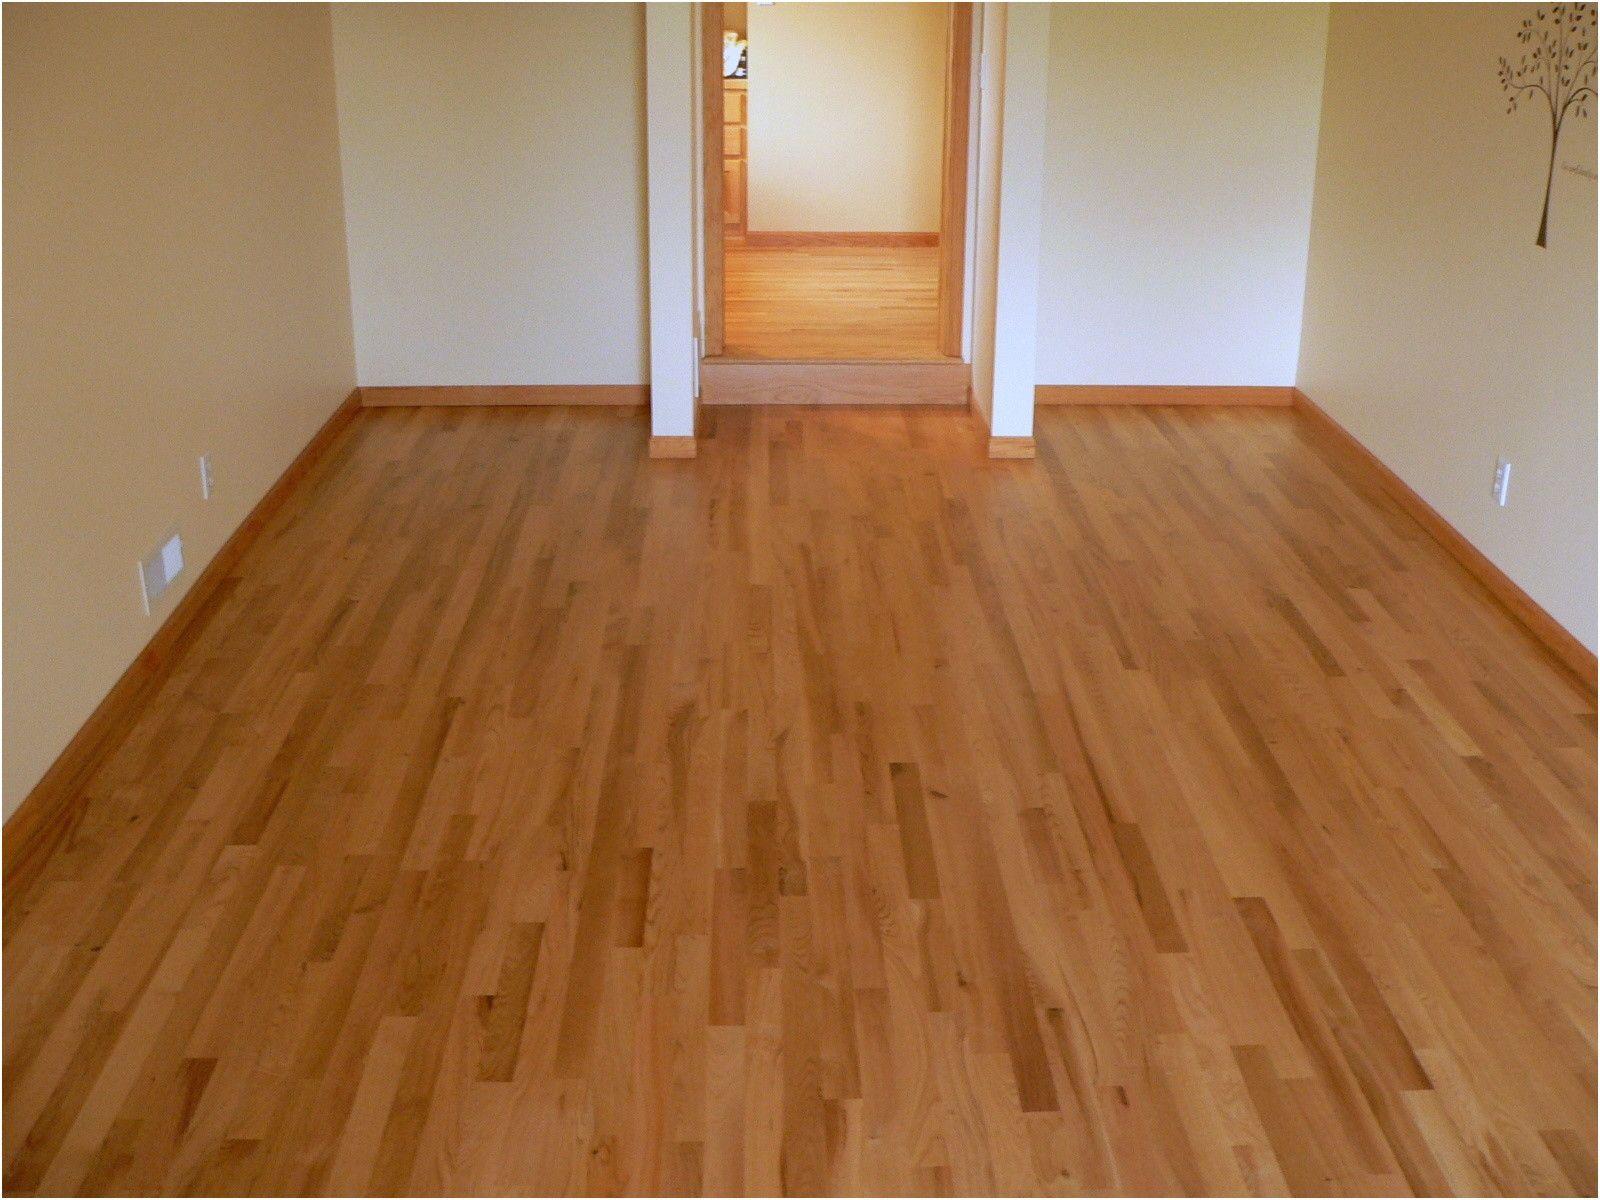 17 Lovely Price Per Sq Ft to Refinish Hardwood Floors